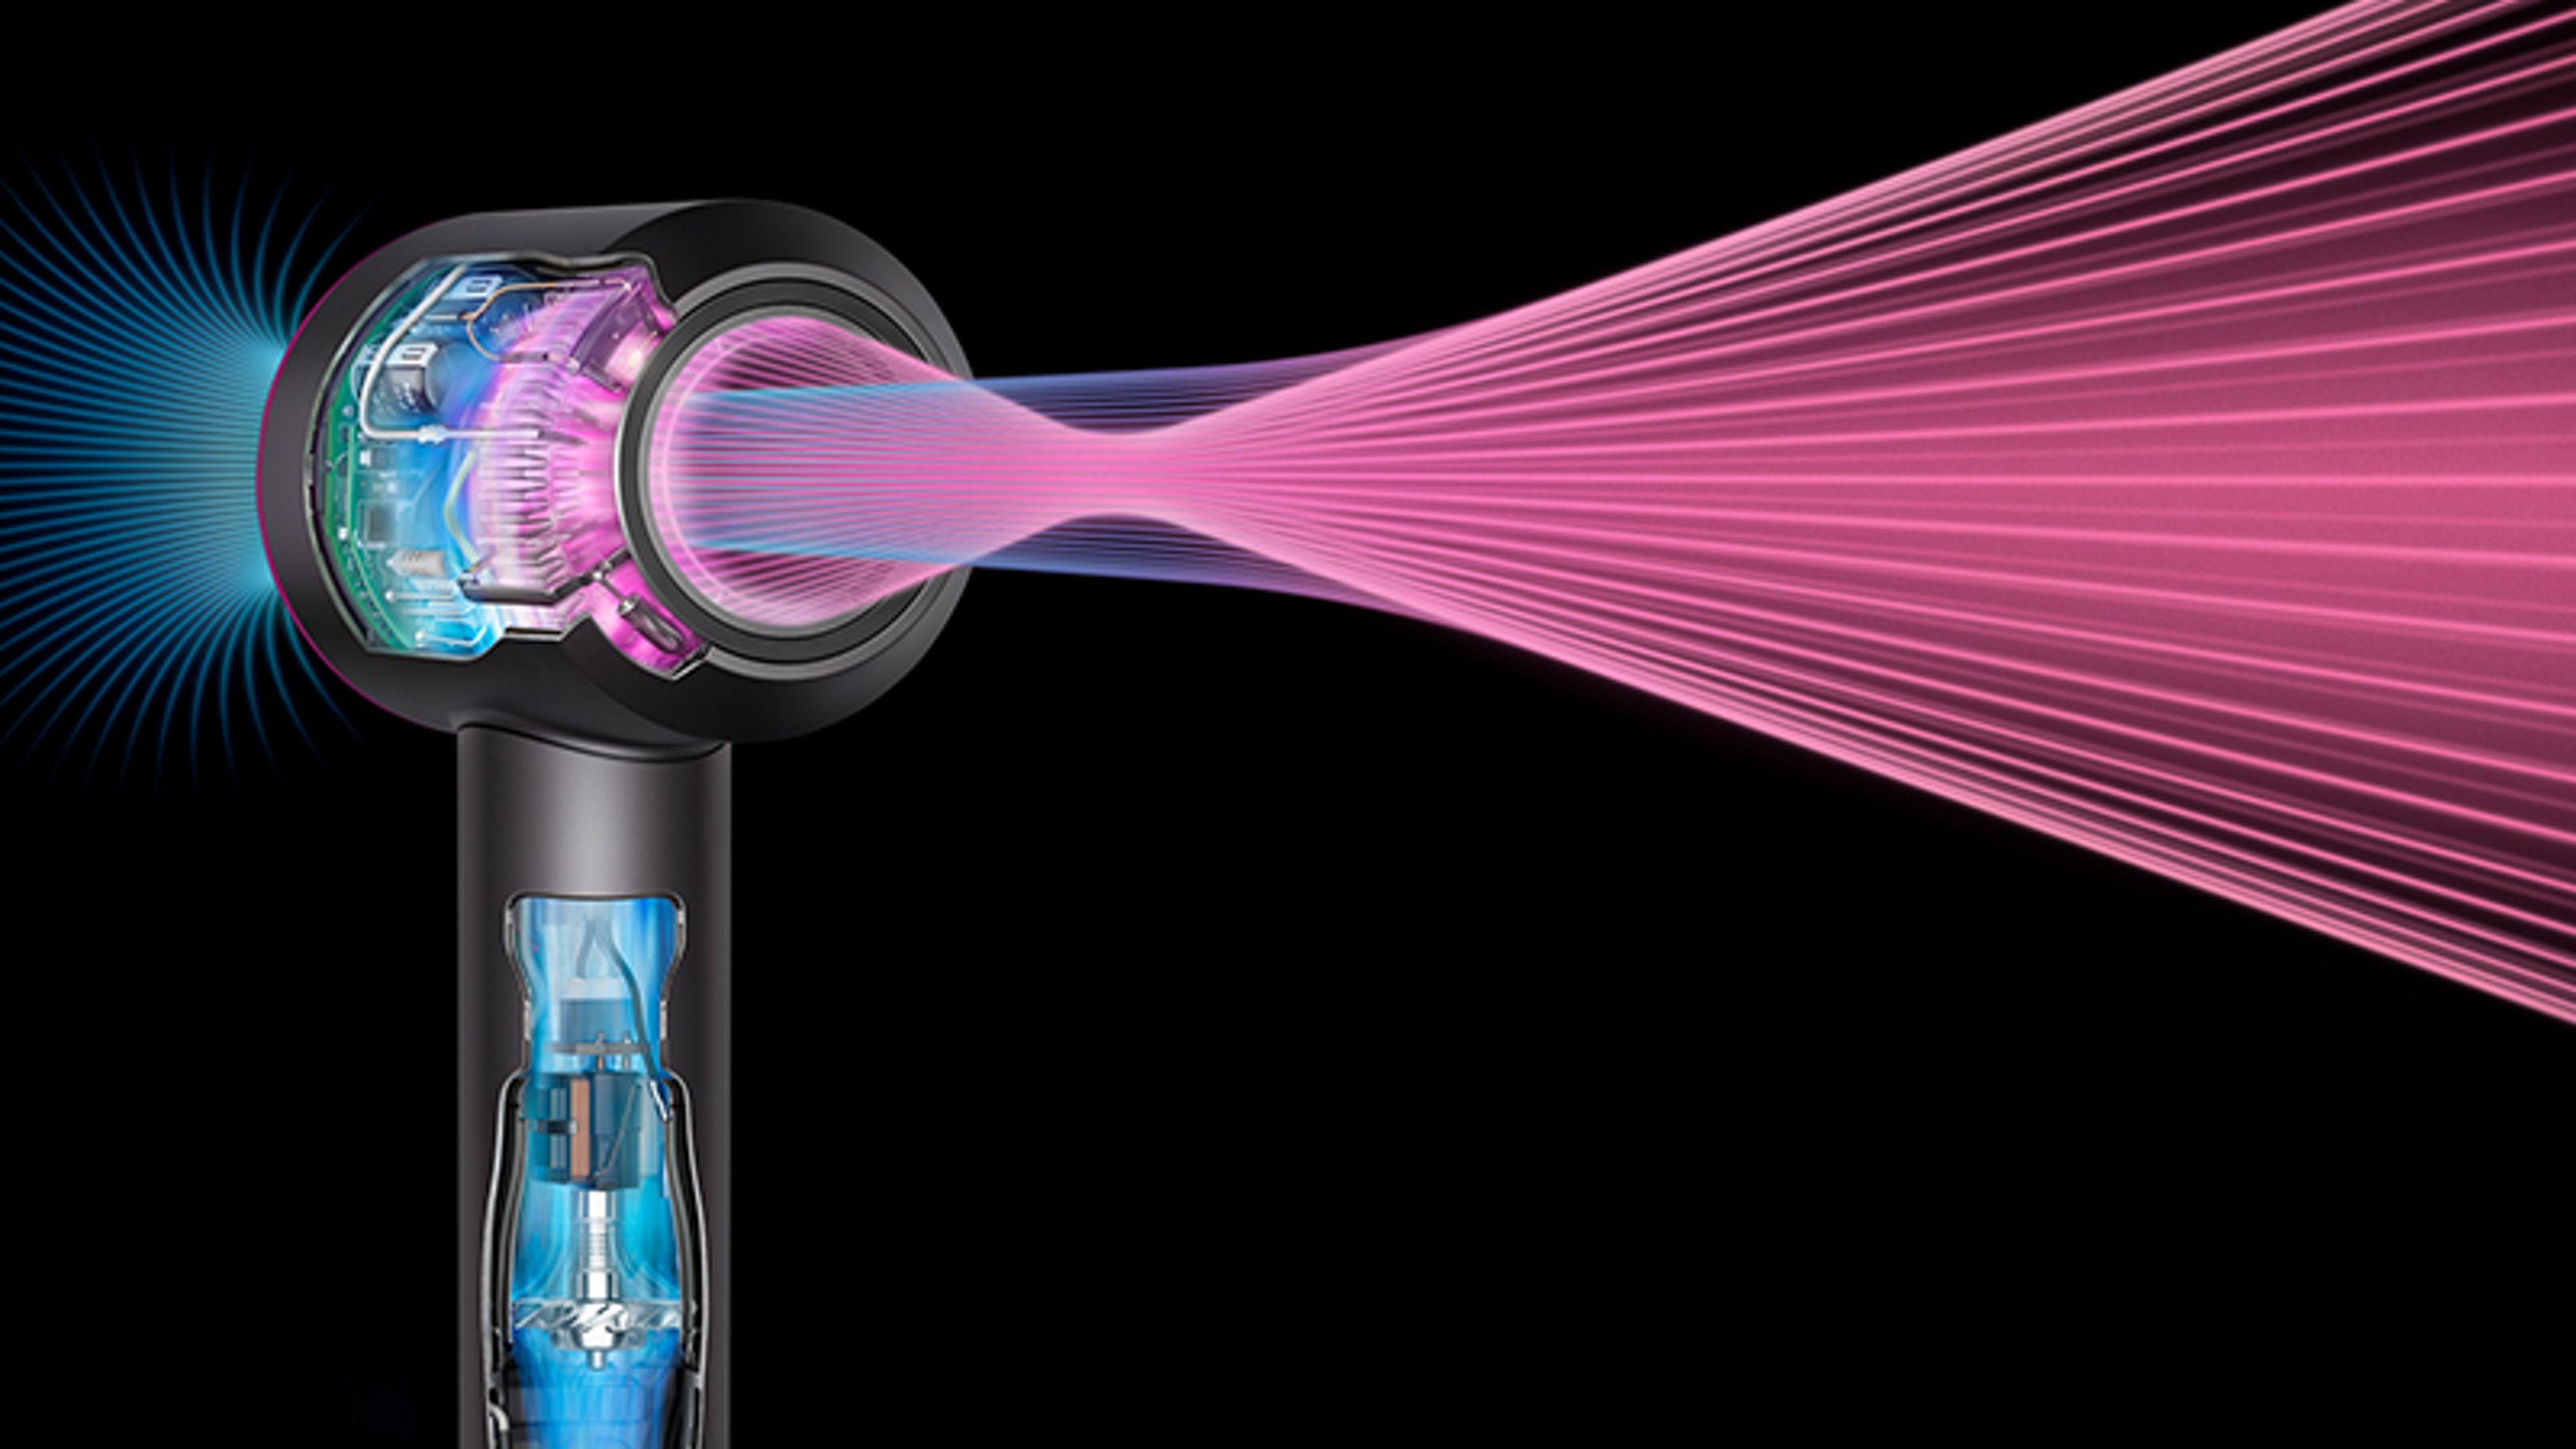 Air Multiplier™ technology